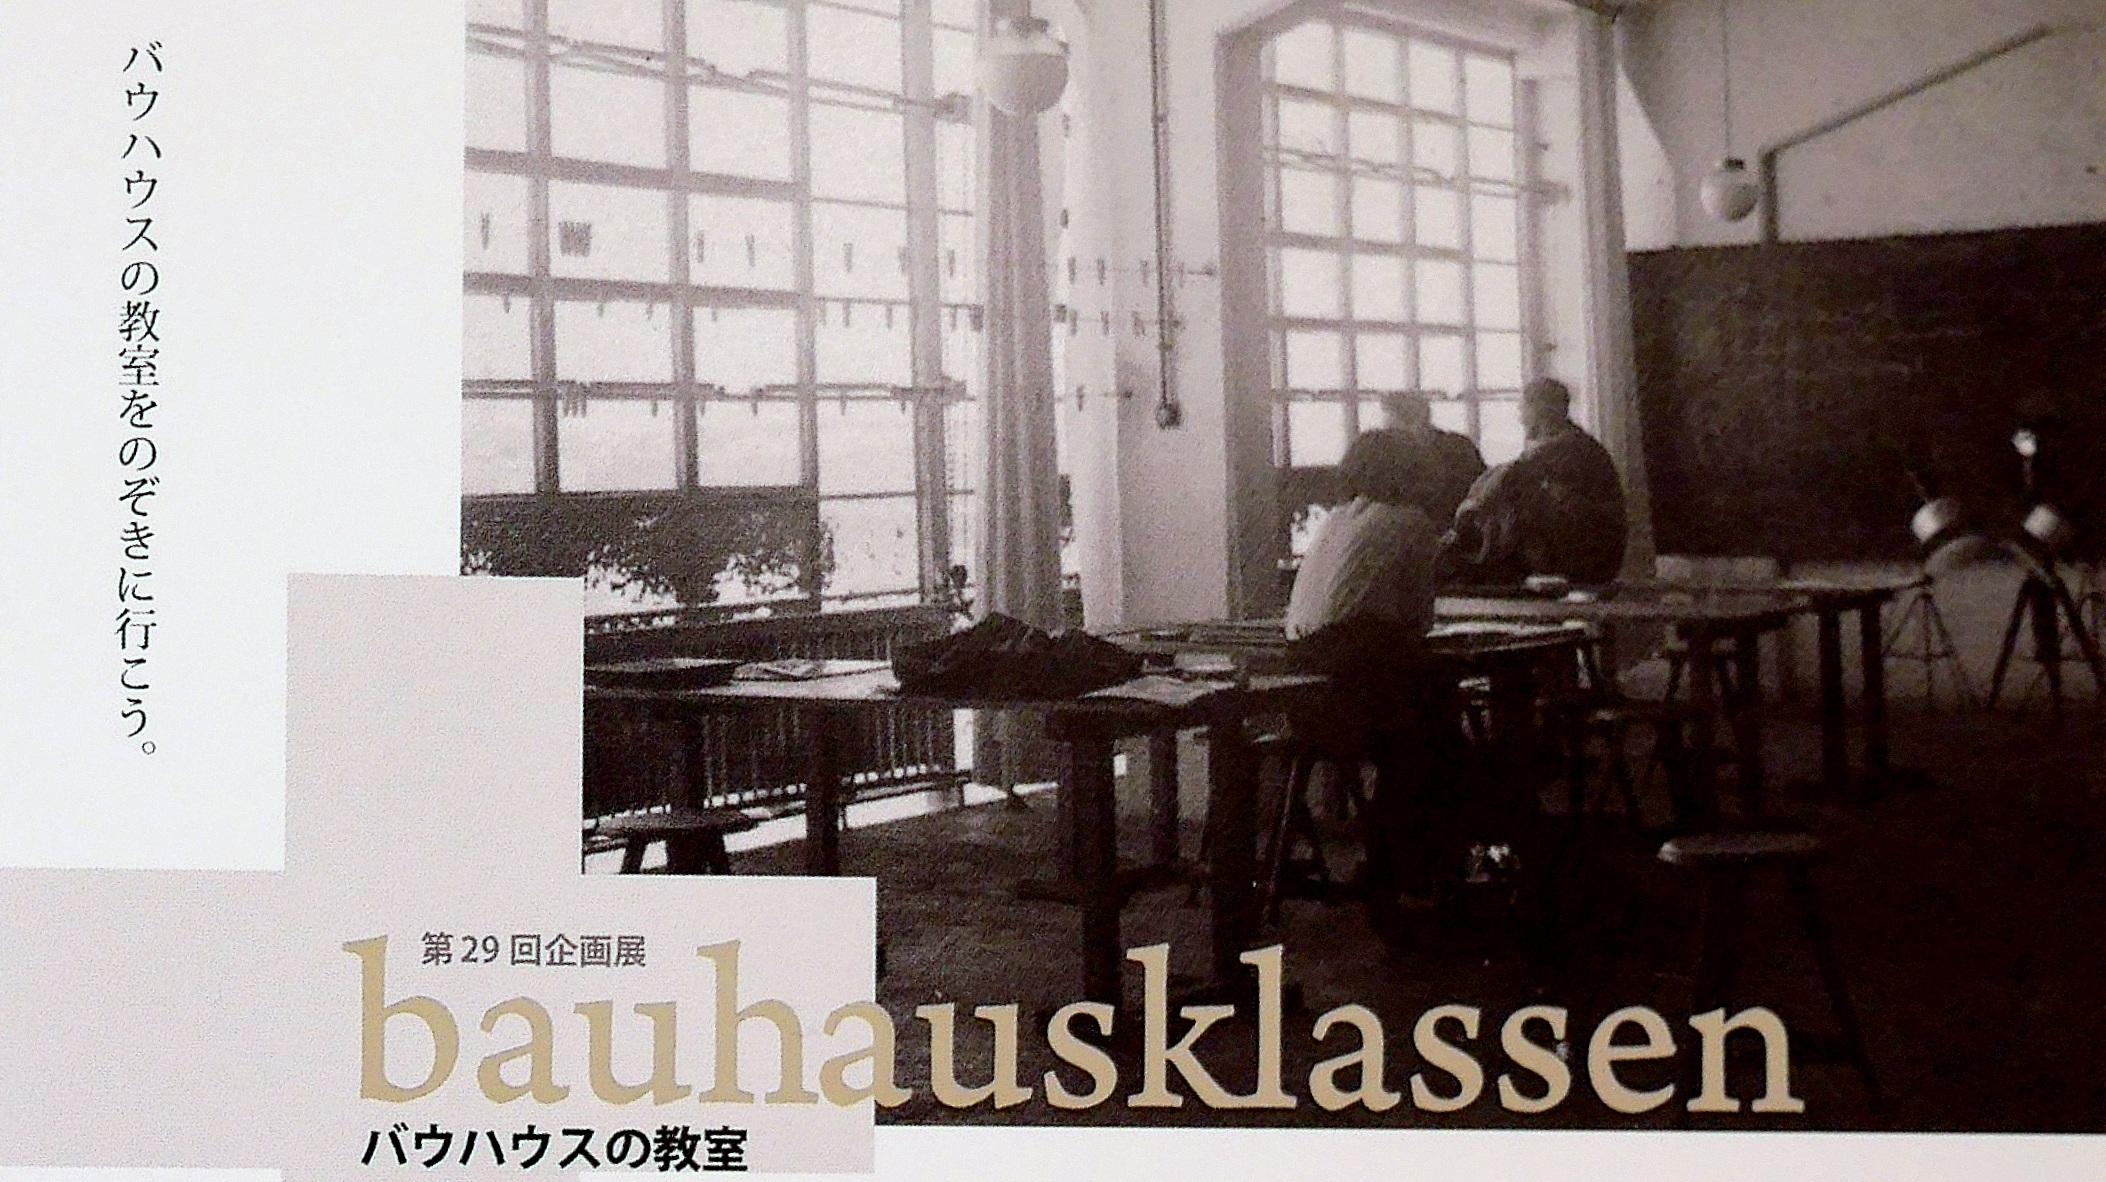 バウハウスの見せ方上手なミサワホームの博物館とバウハウスデザインの面白本『バウハウスと茶の湯』山脇 道子著を読む